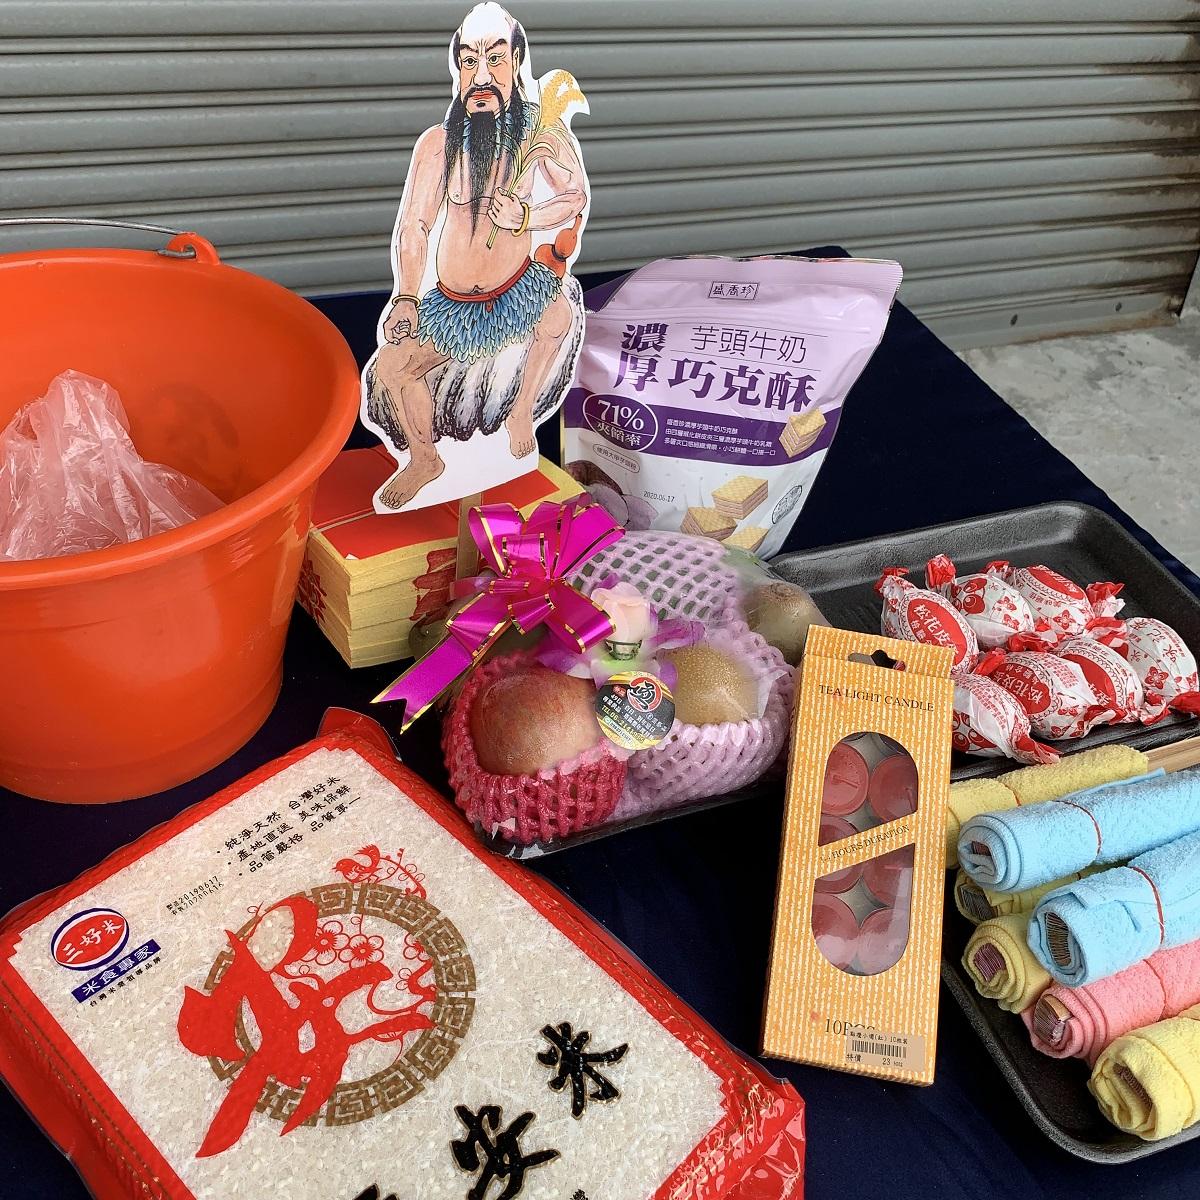 法事祭品-佛教尾日藥師王小功德用品組(在家師父用)